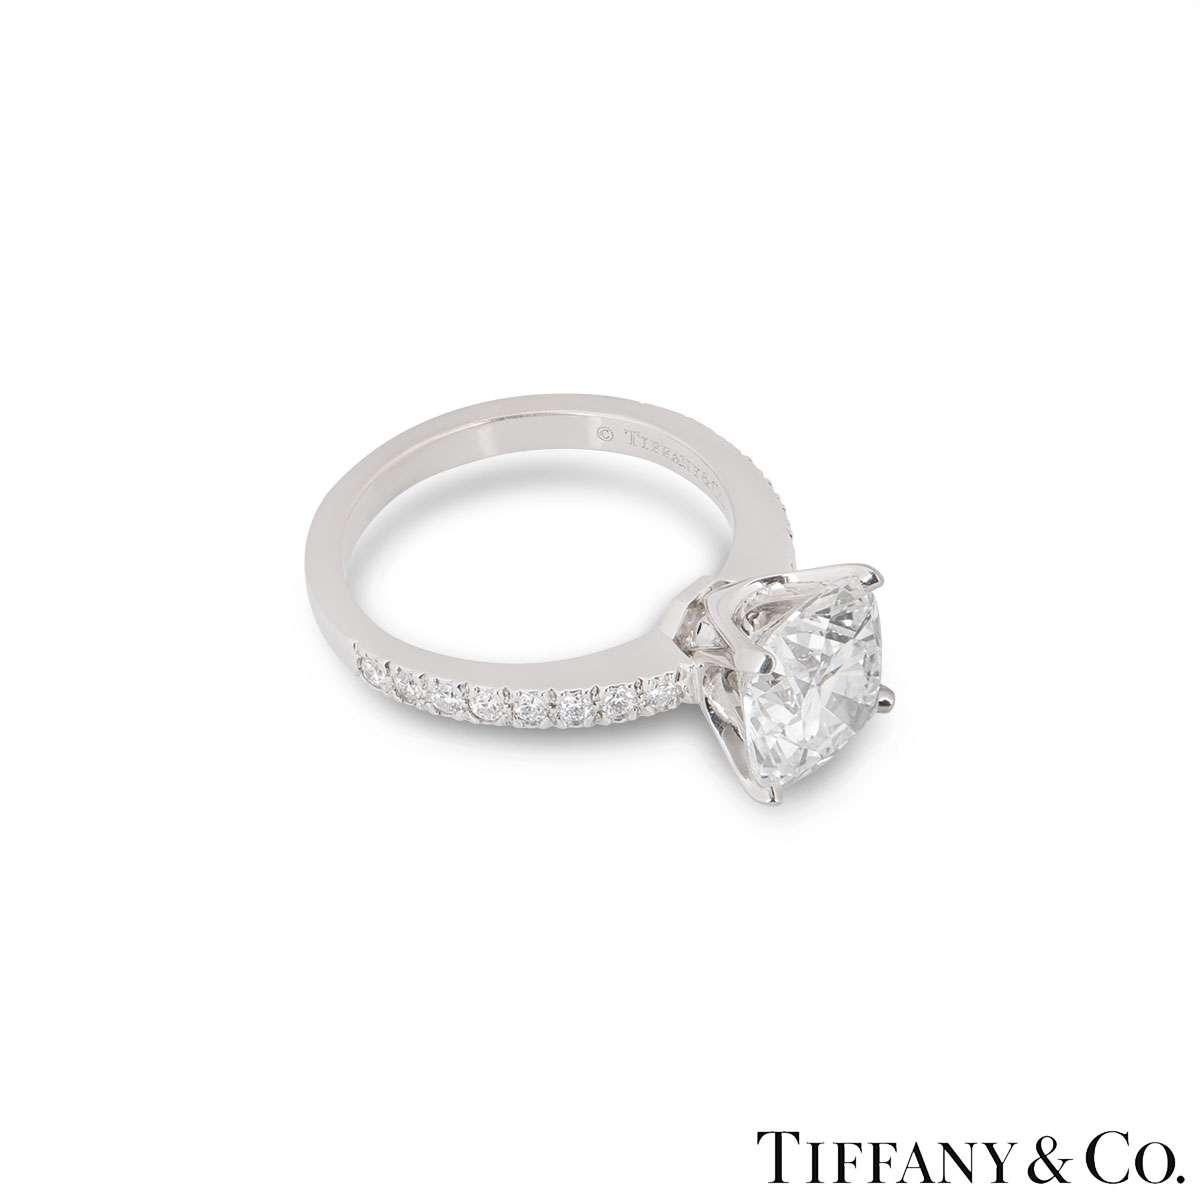 Tiffany & Co. Platinum Cushion Cut Diamond Novo Ring 2.19ct G/VS1